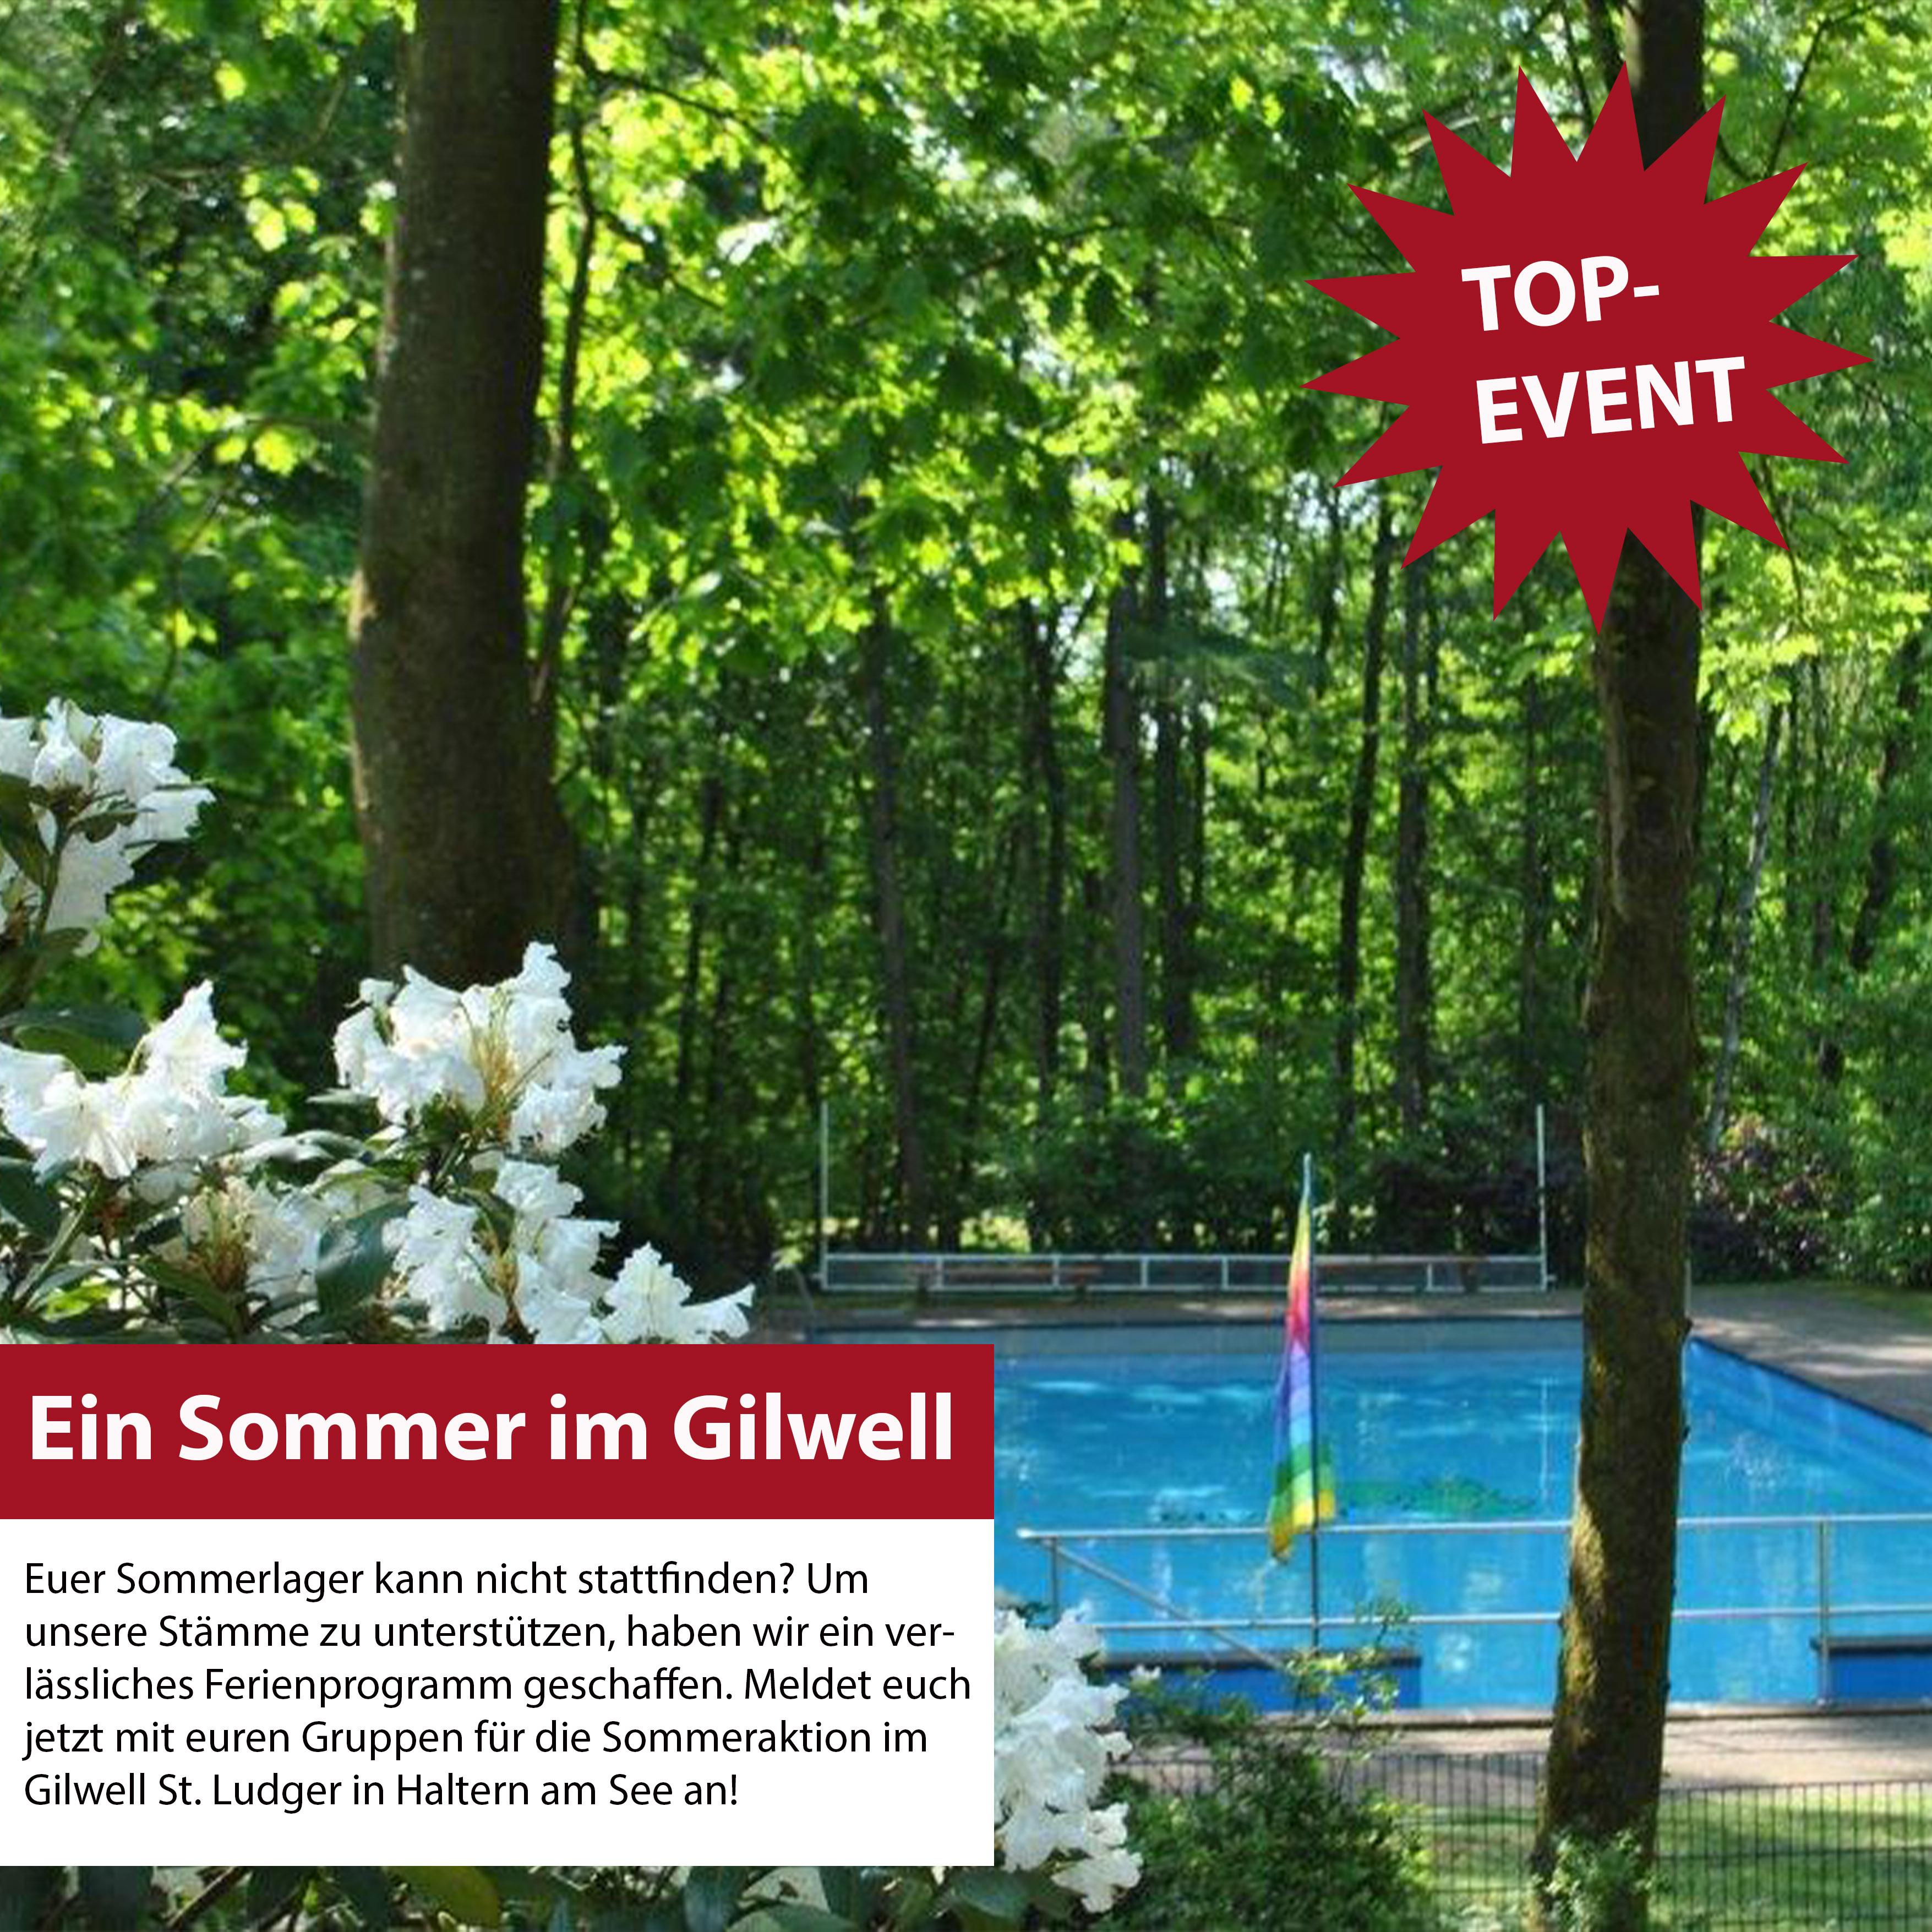 Top-Event_Gilwellsommer_2021.jpg